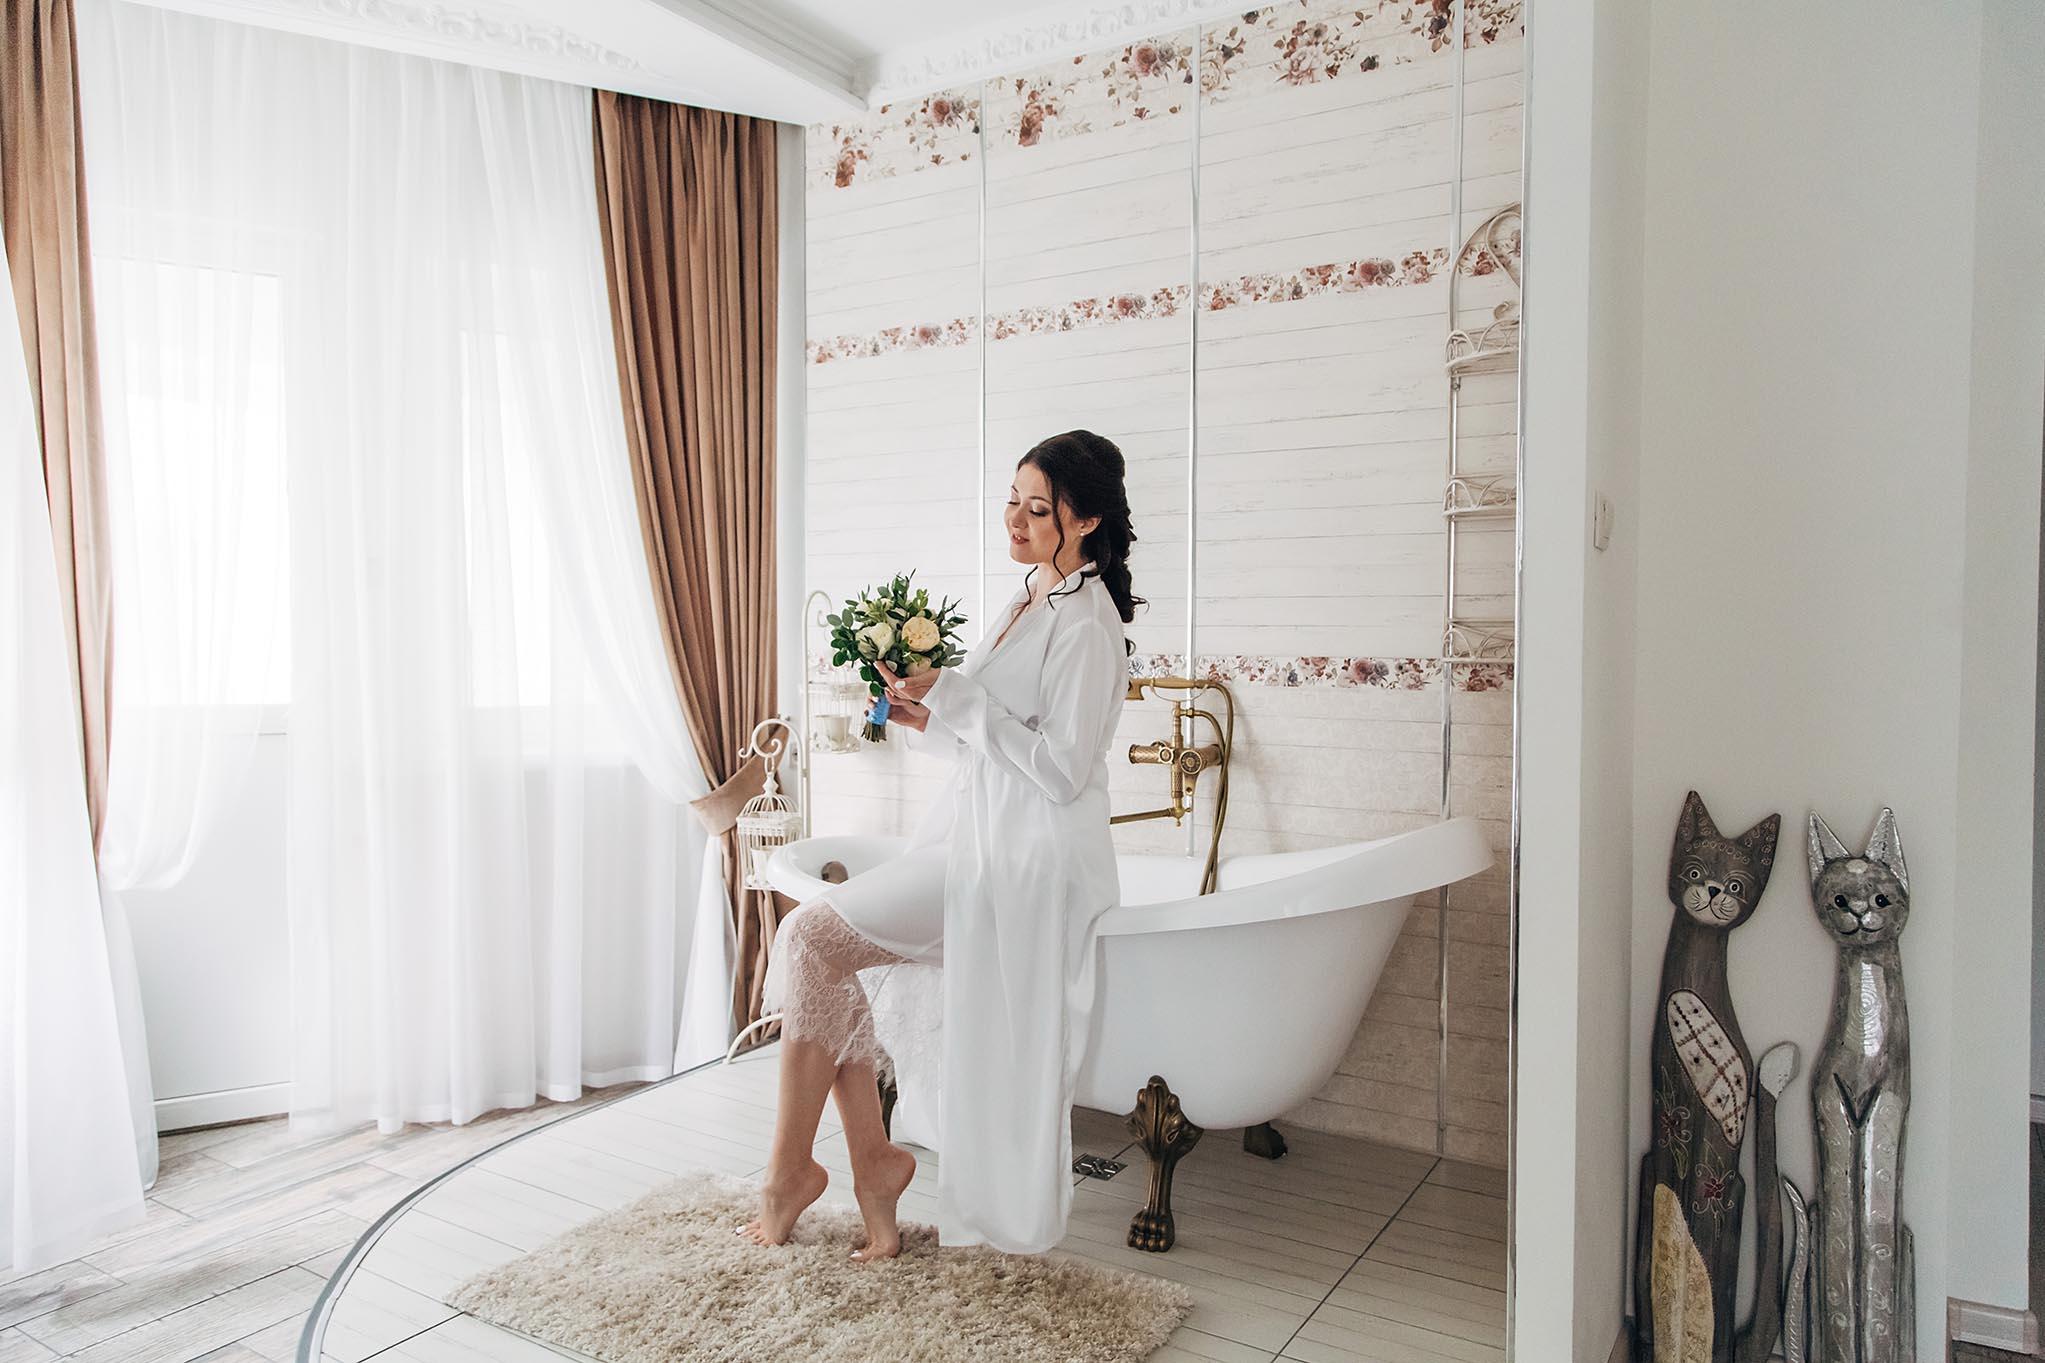 Аренда загородного дома для проведения свадьбы в Москве